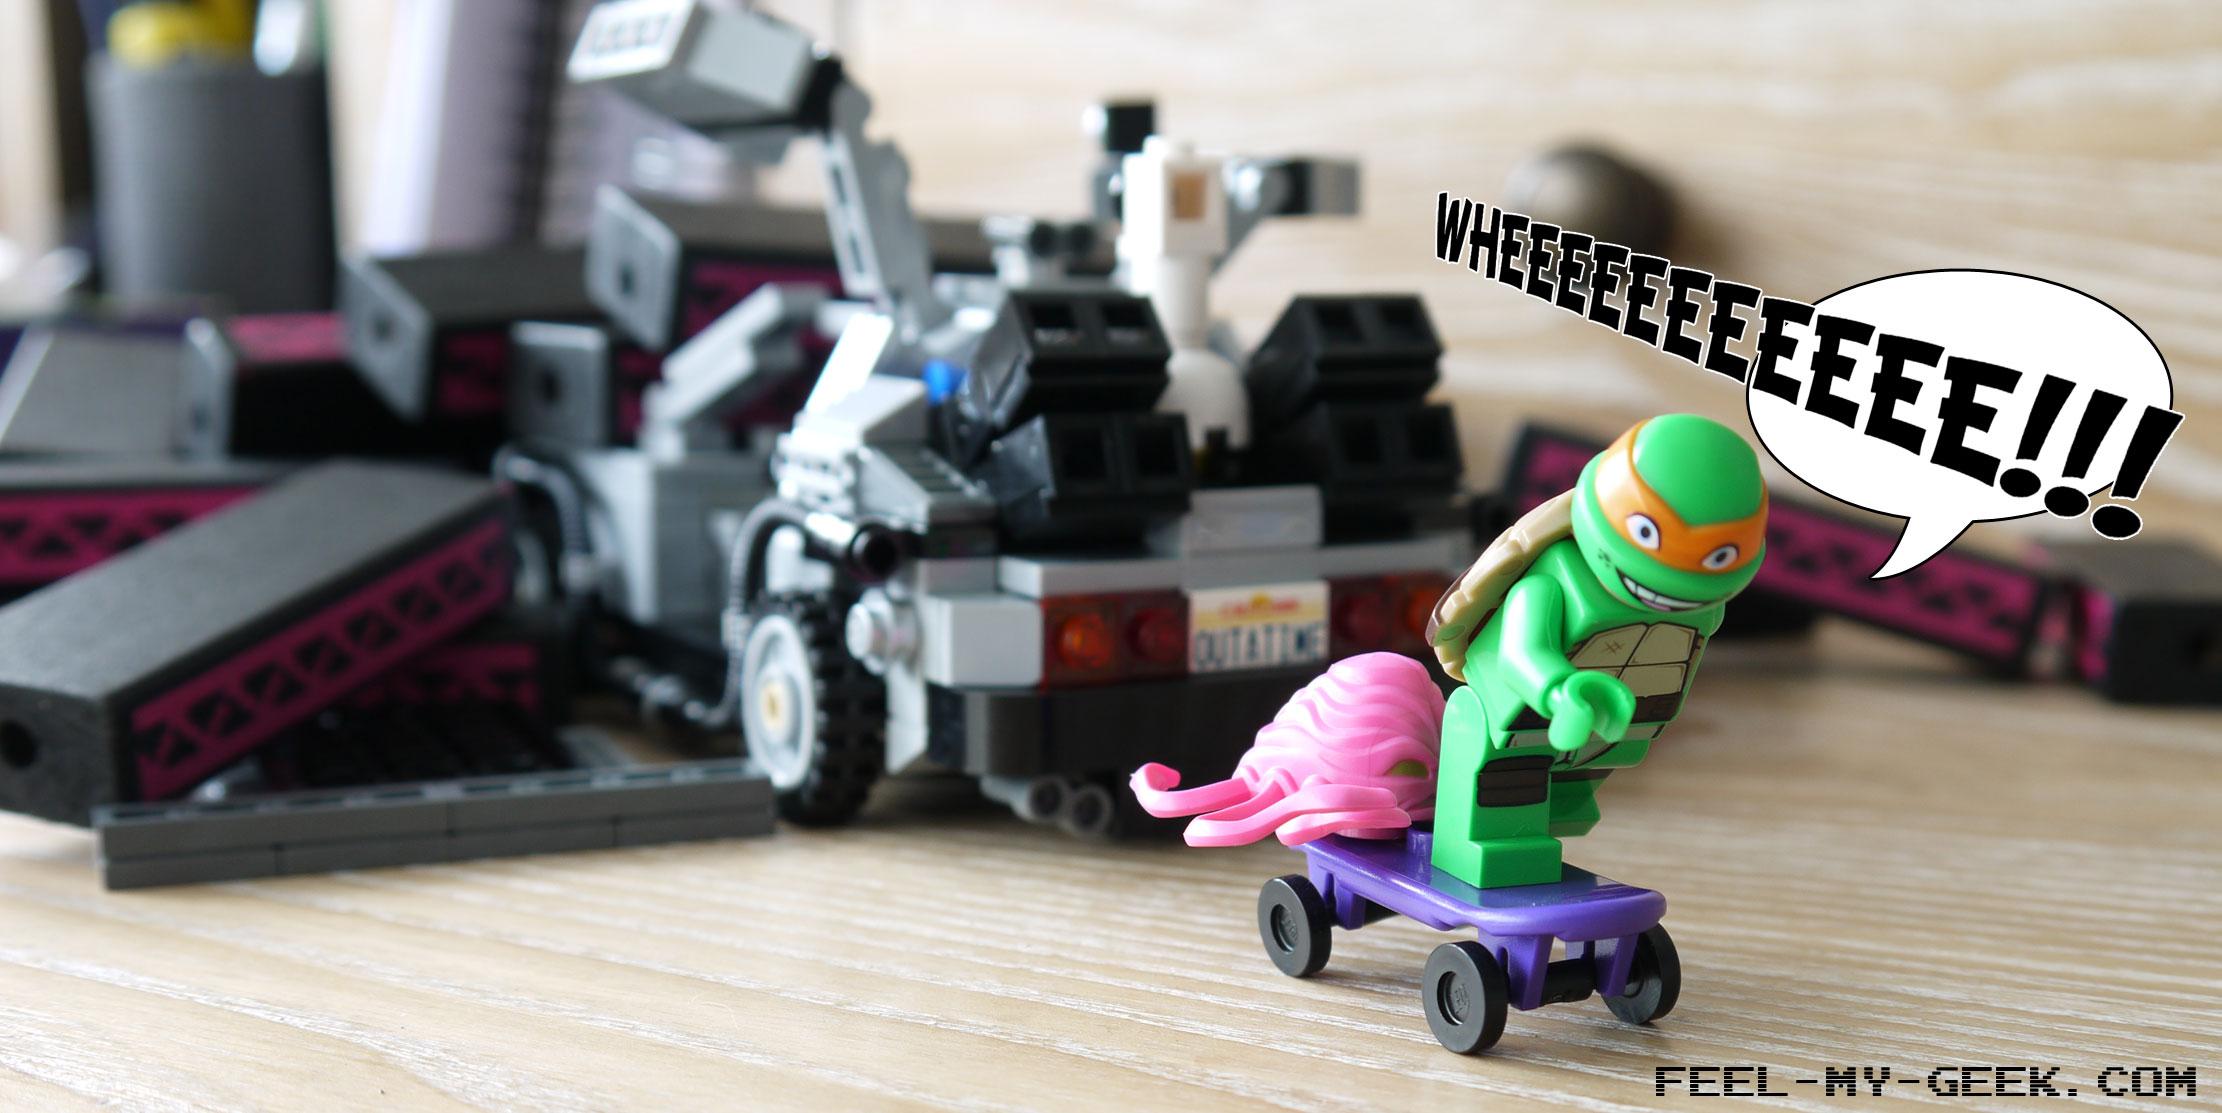 Michelangelo s'enfuit alors sur un vieux skate violet tout pourri, parce que LEGO était trop cheap pour mettre une réplique de l'Hoverboard dans le set de la DeLorean. il est désormais suivi par le Kraang, qui voit là une opportunité d'échapper au châtiment sur sa planète.